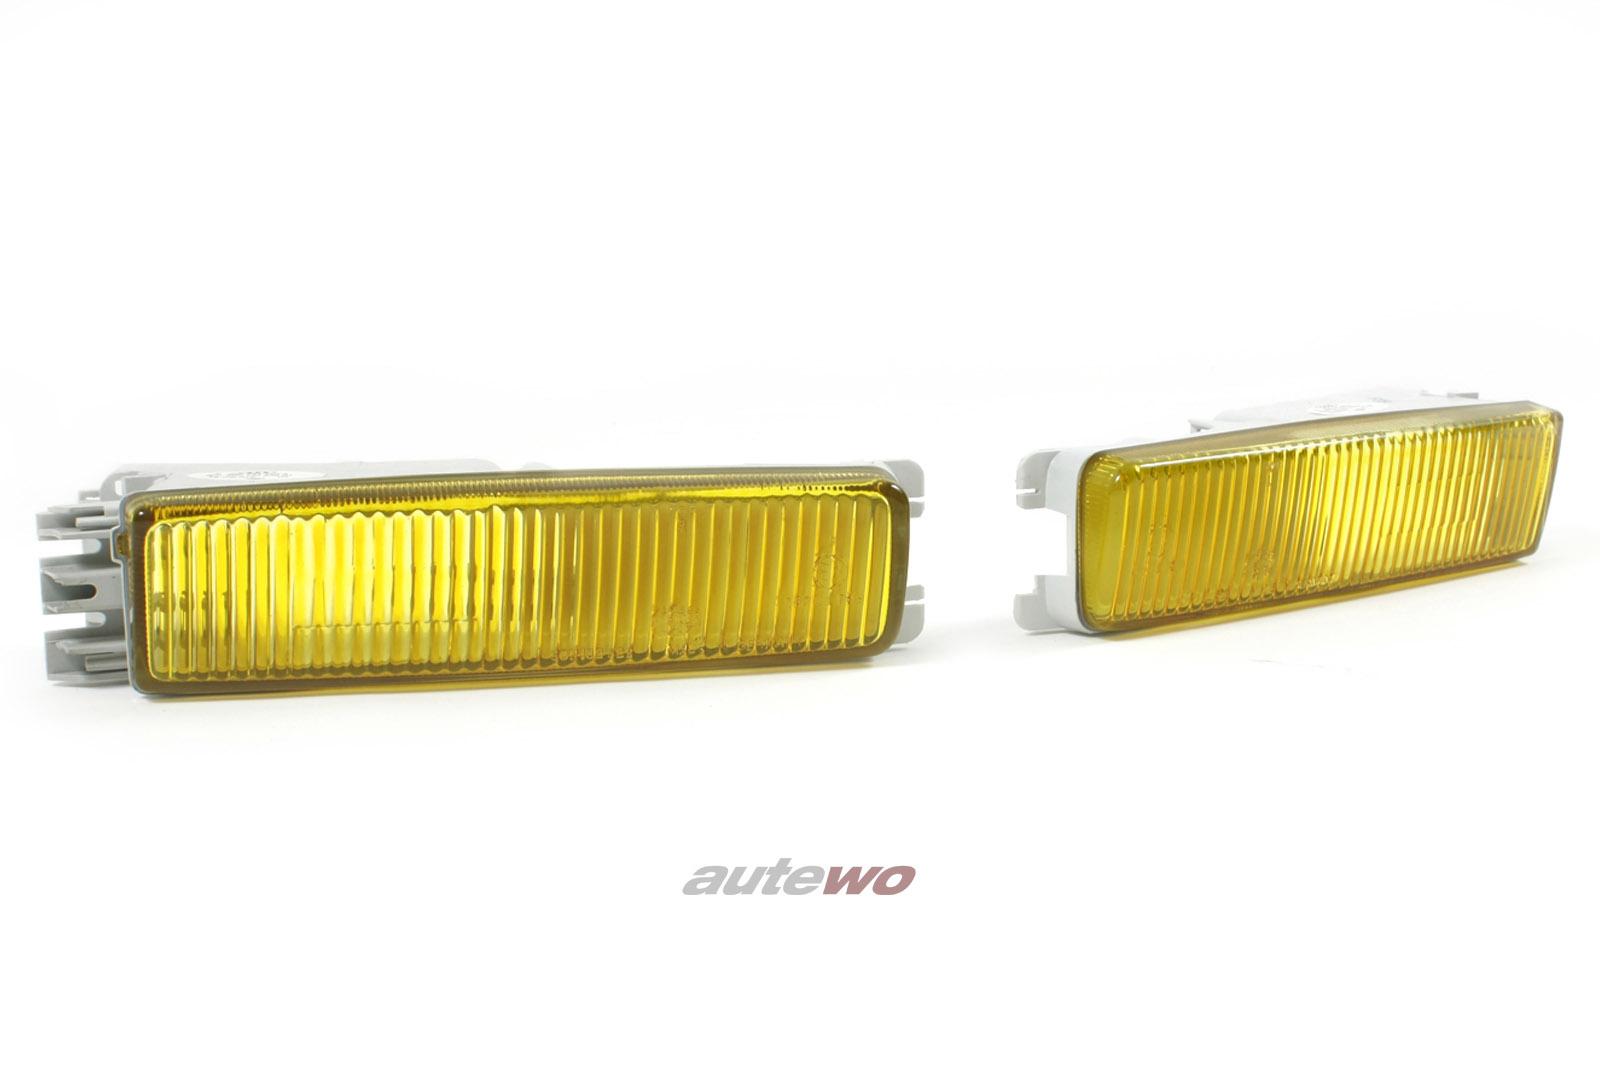 895941723A & 895941724A NEU Audi 90/Coupe Typ 89 Nebelscheinwerfer Gelblicht